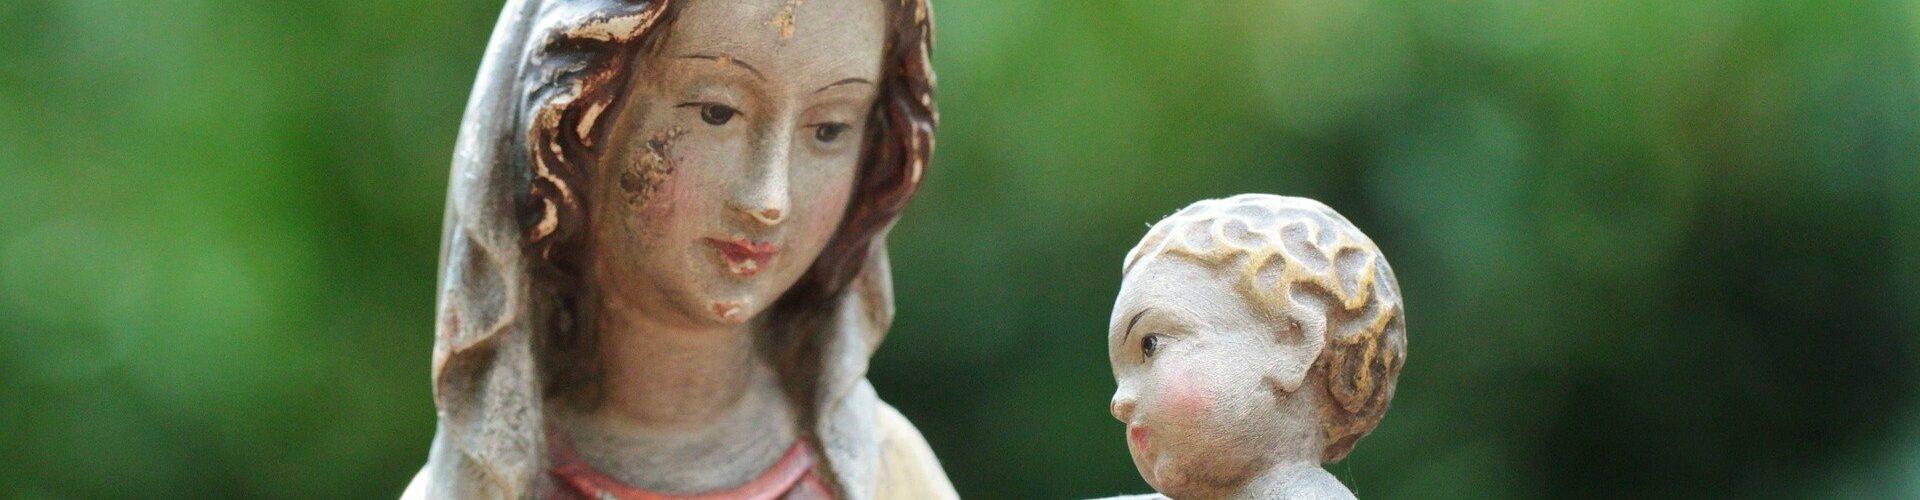 Nossa Senhora com segurando Jesus criança